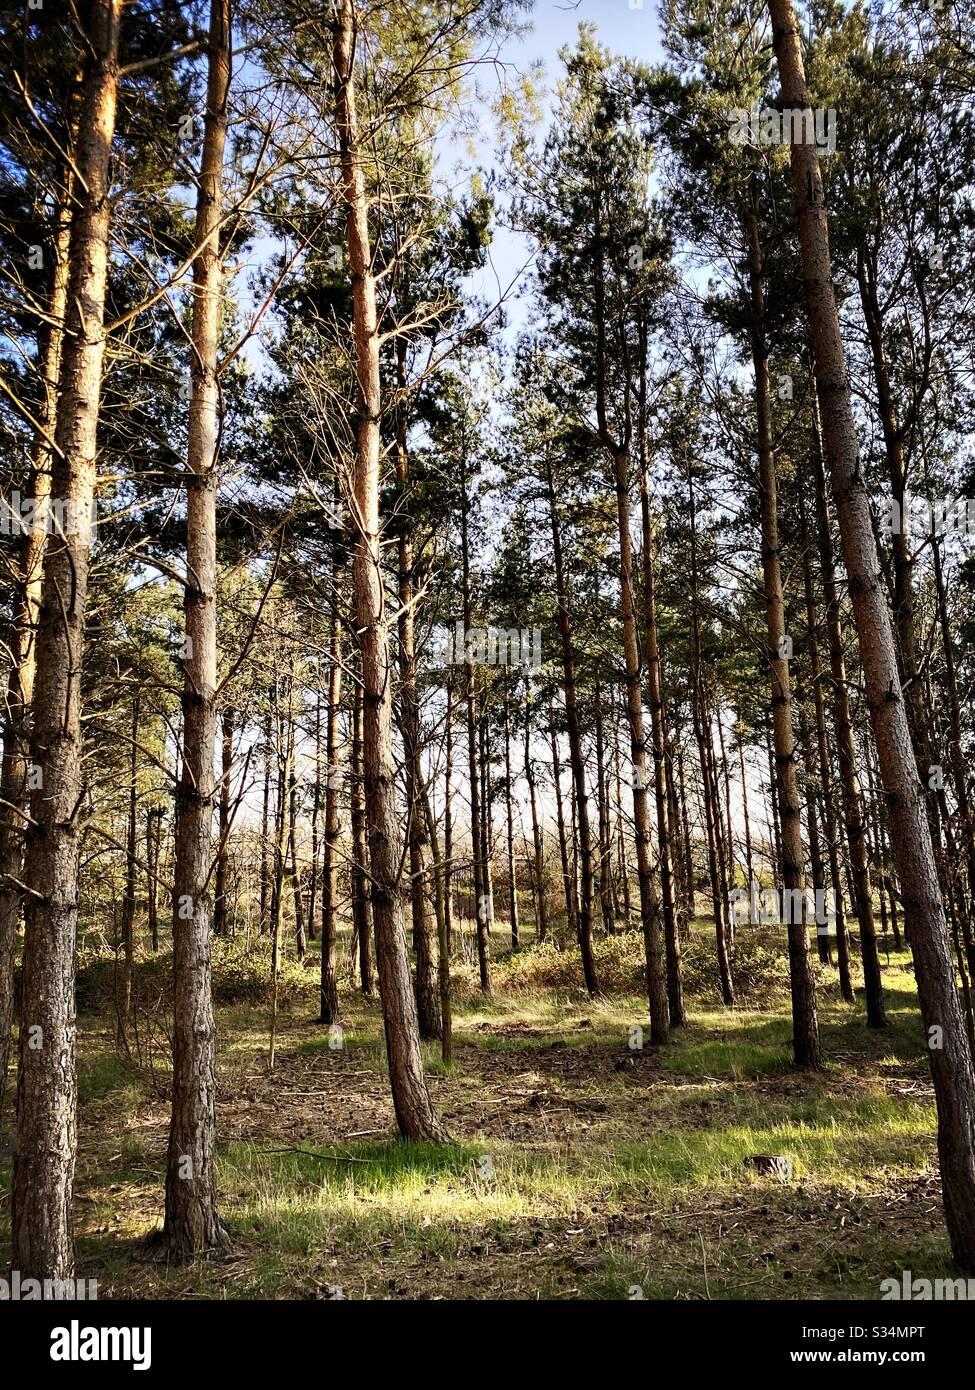 De grands pins dans une forêt dense rurale. Scène naturelle de treescape dans un sentier boisé l'après-midi Banque D'Images